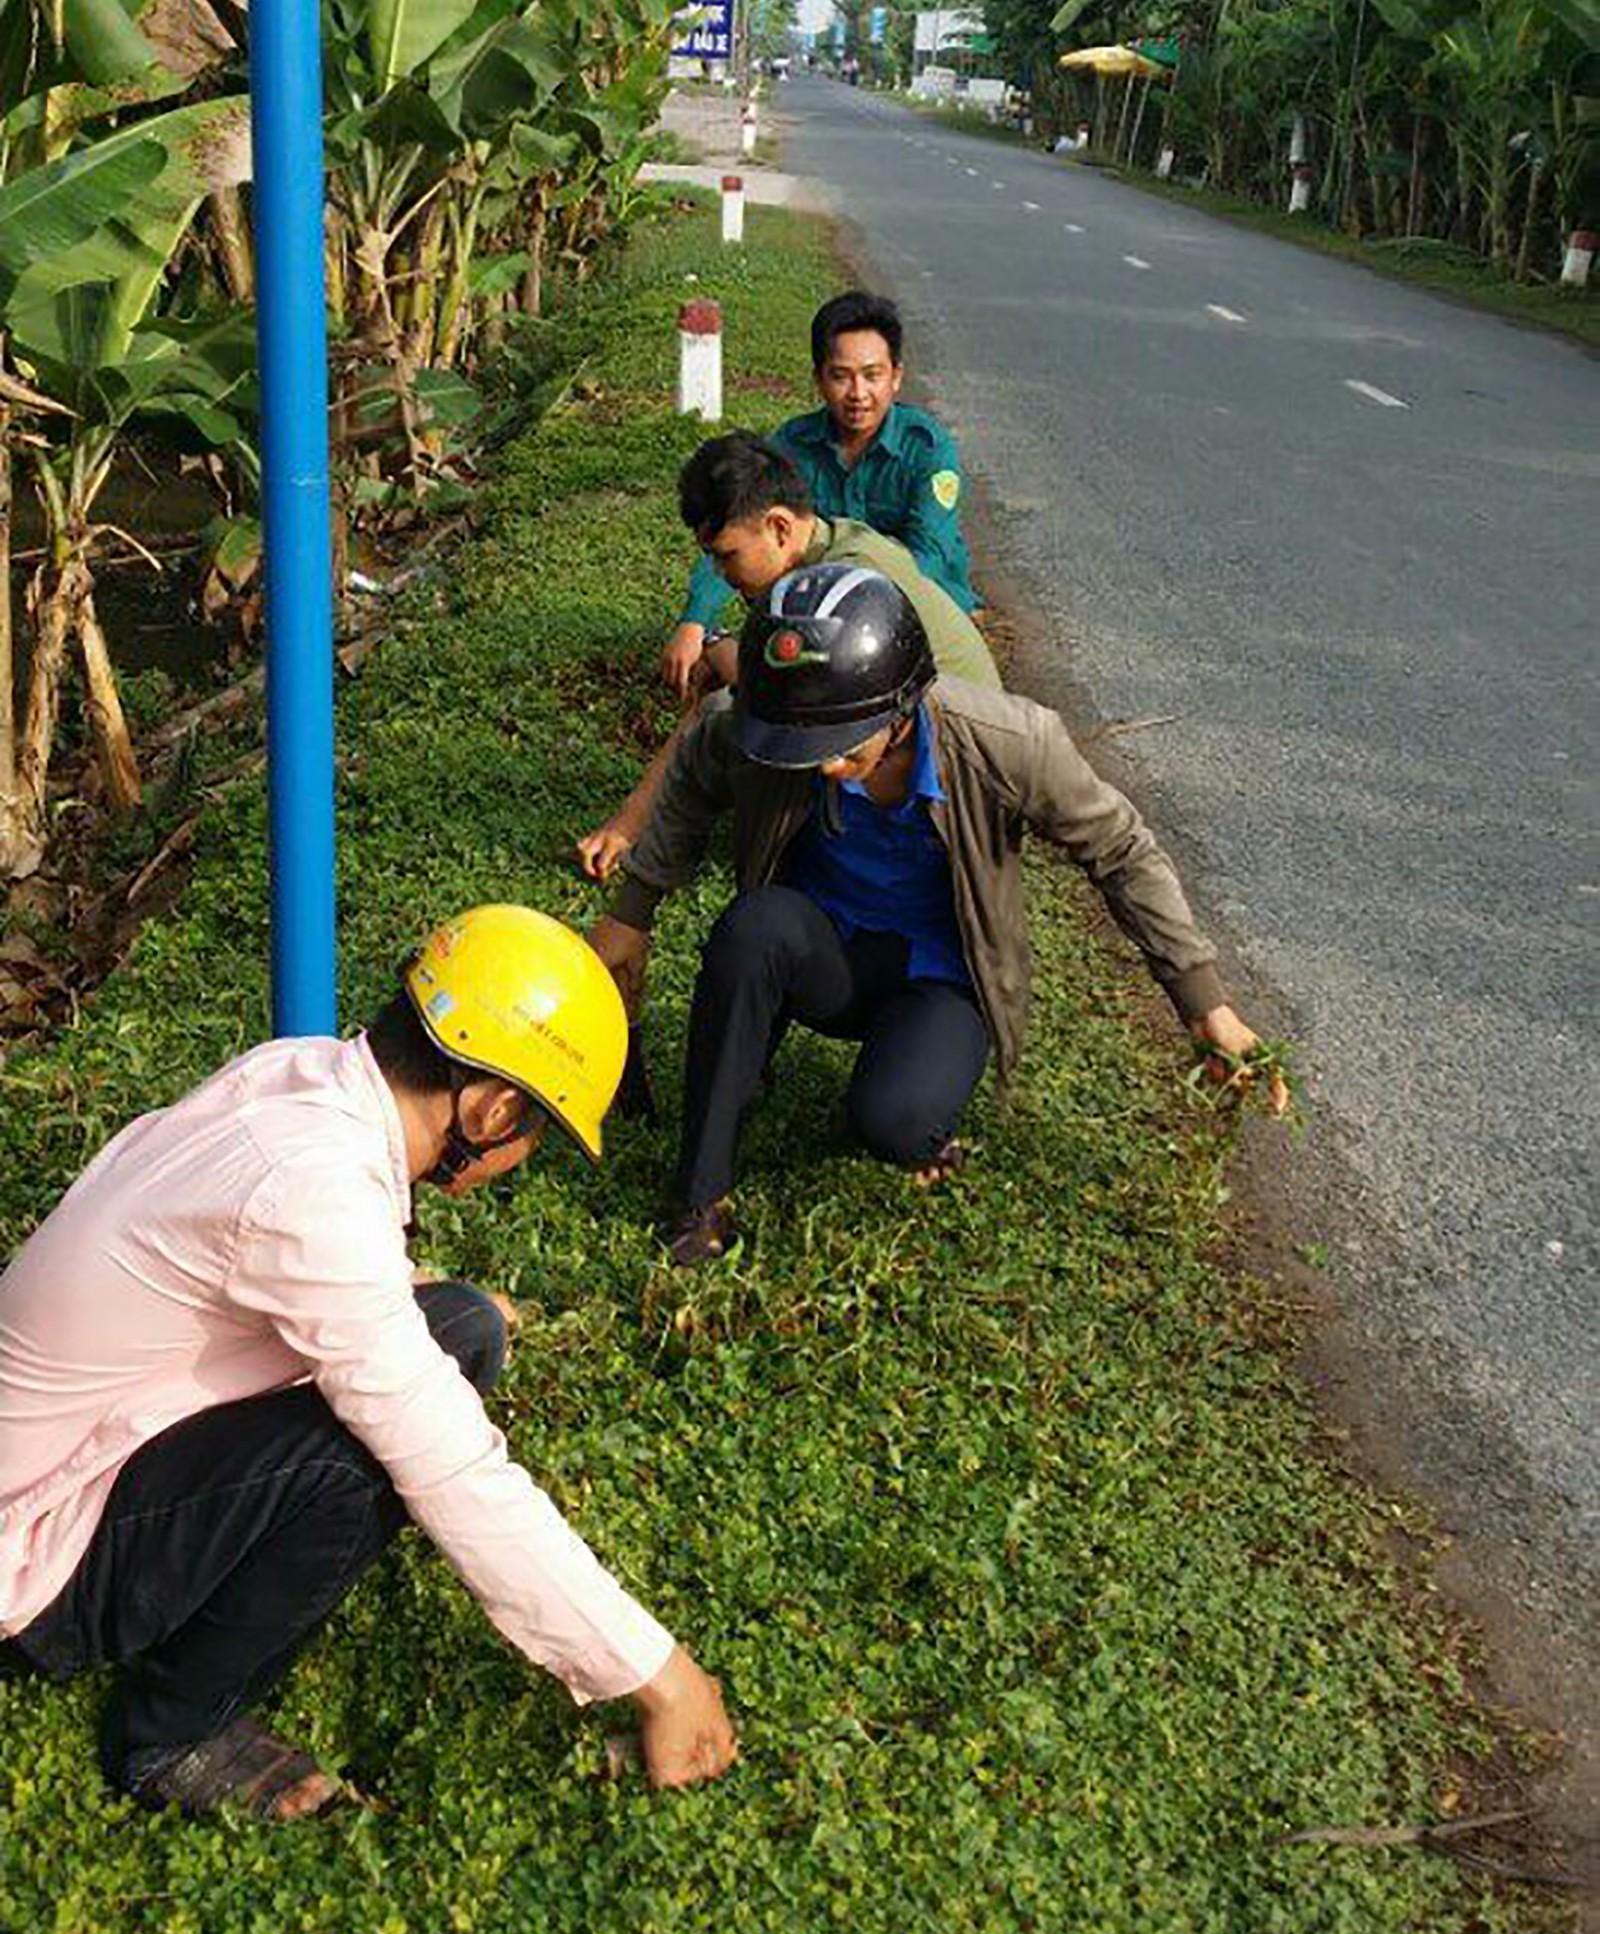 """Đoàn viên thanh niên xã Trường Thắng làm cỏ, chăm sóc cây trên tuyến đường """"Sáng - xanh - sạch - đẹp - an toàn"""". Ảnh: KHANG MINH"""